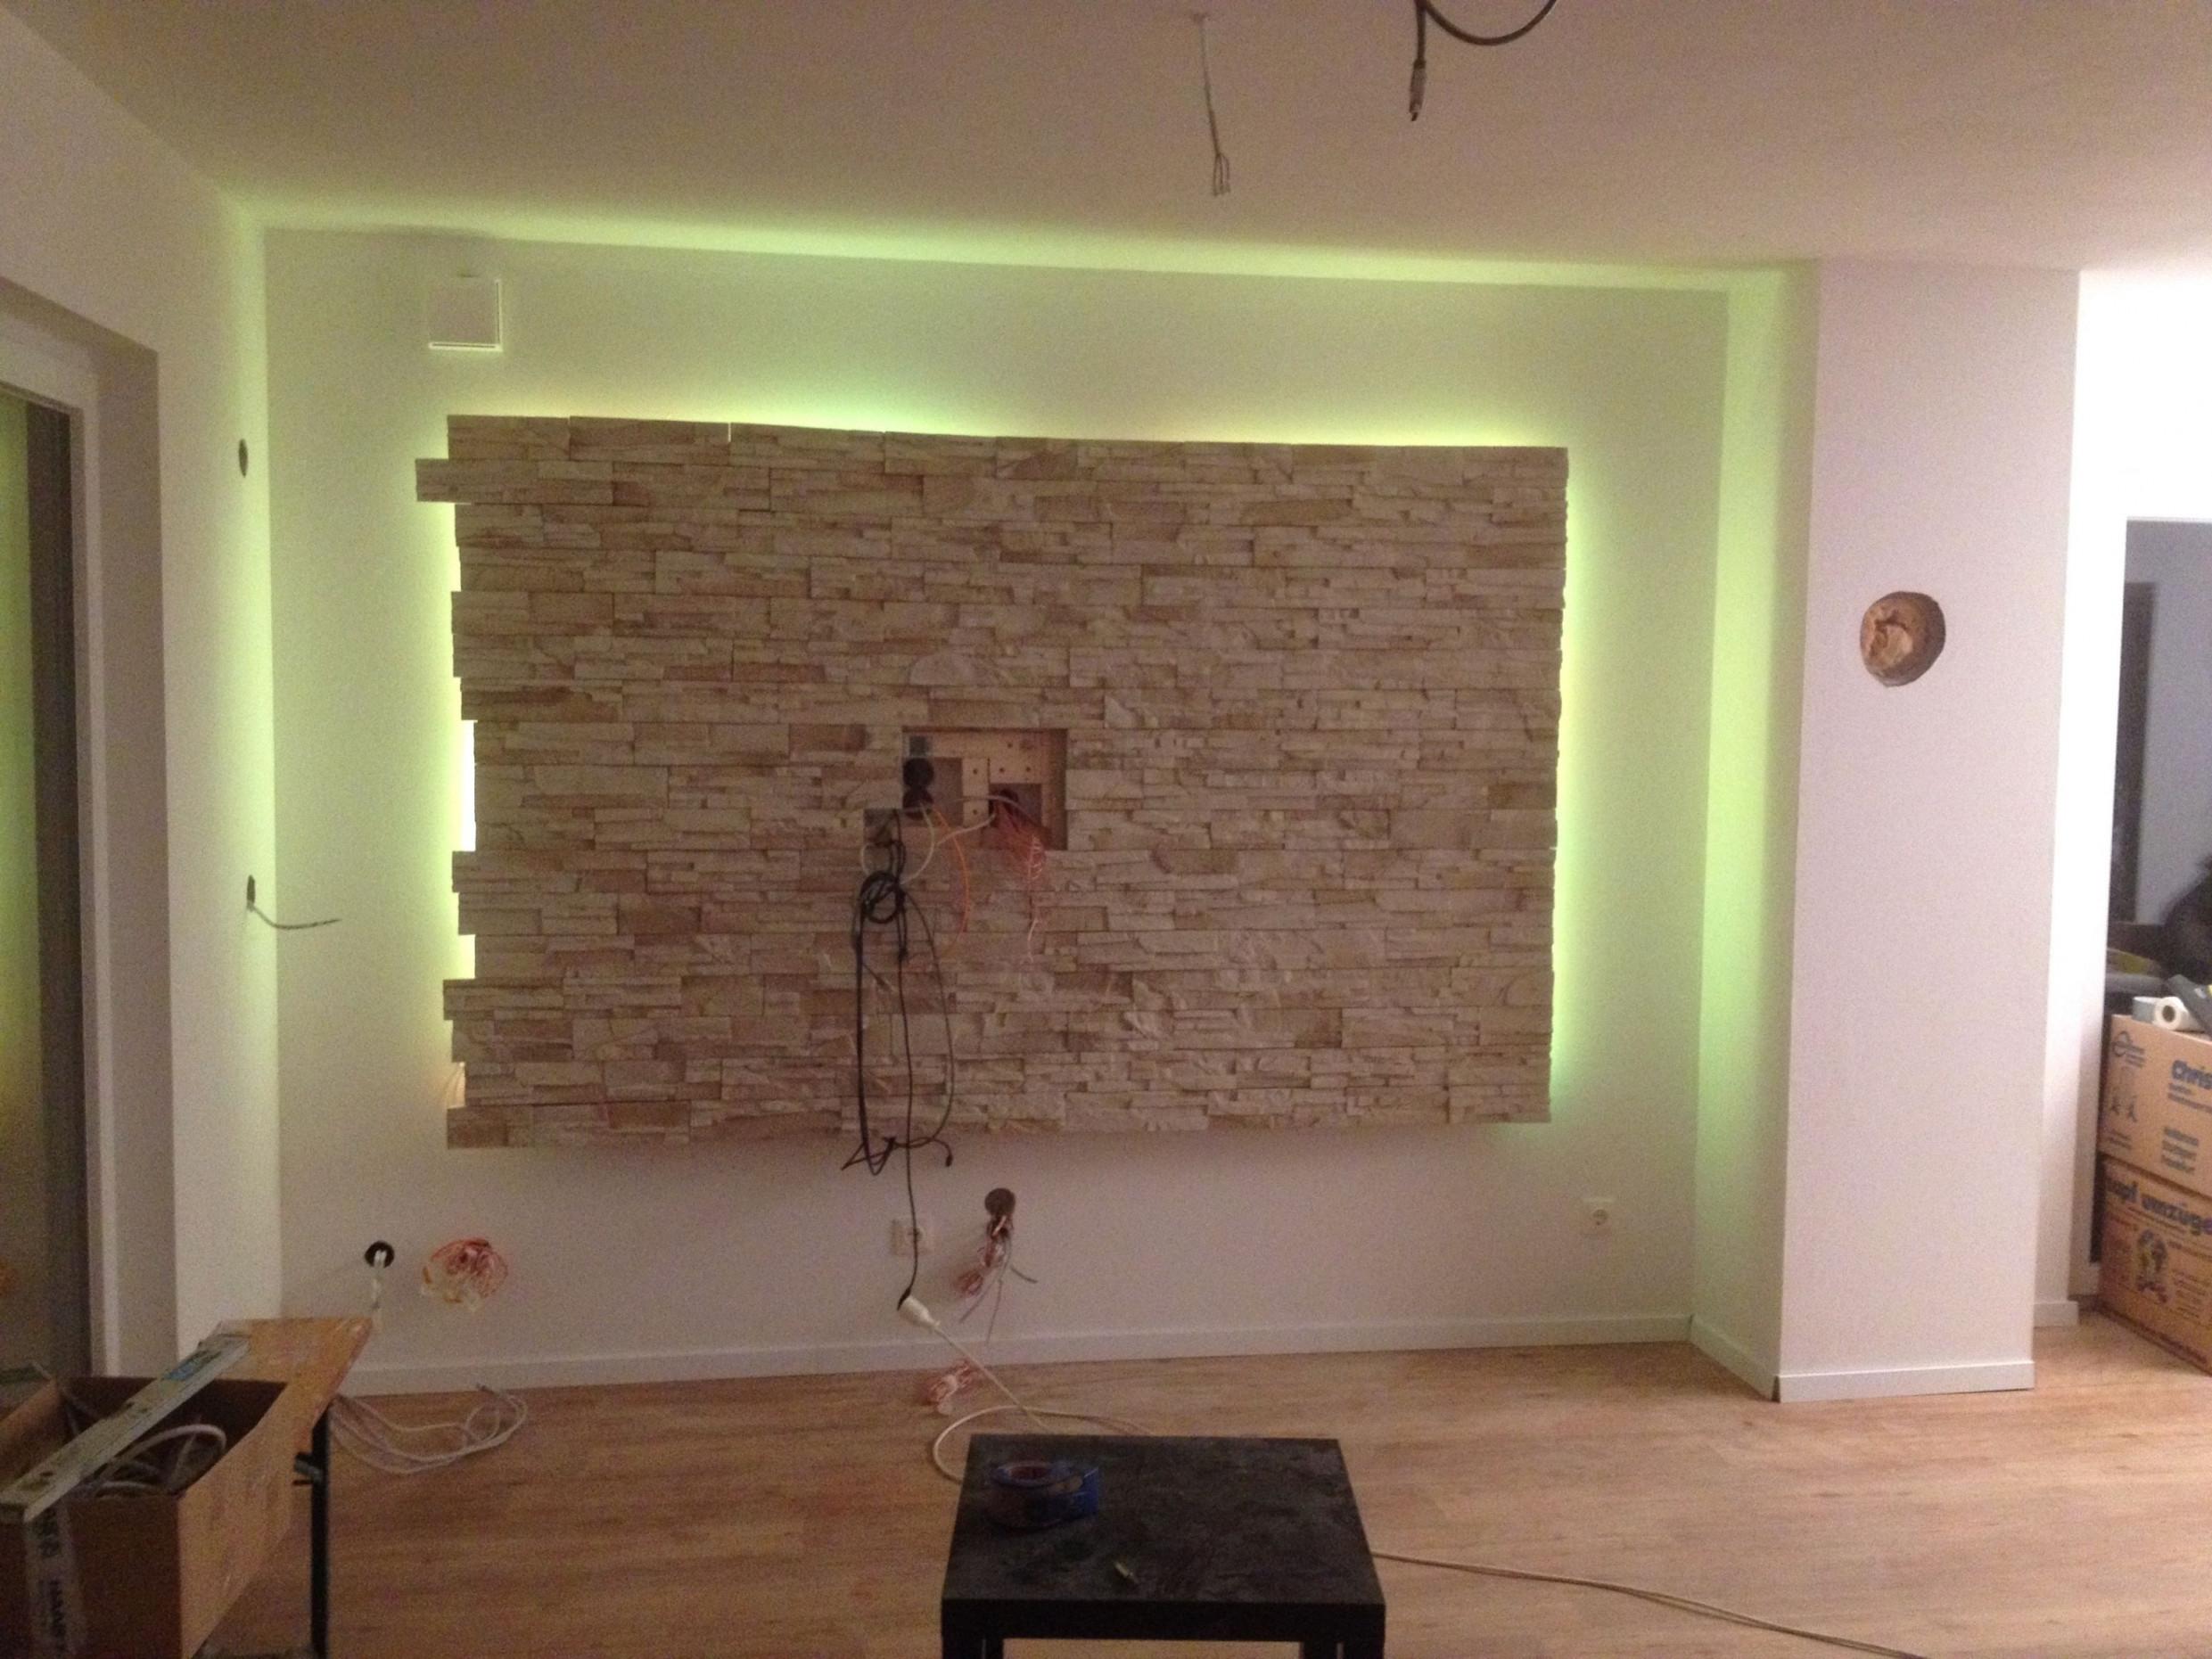 Einzigartig Wohnzimmer Ideen Steinwand  Steinwand von Wohnzimmer Ideen Steinwand Bild